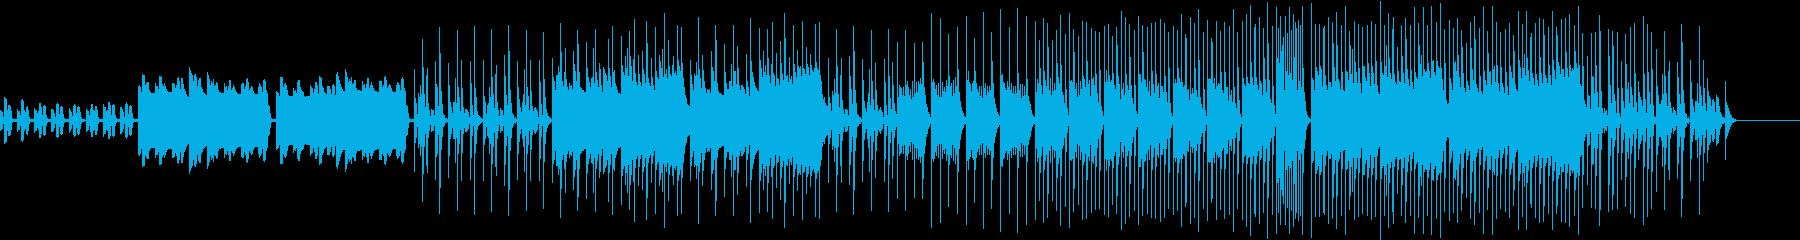 ほのぼのとしたピアノとリコーダーの曲の再生済みの波形